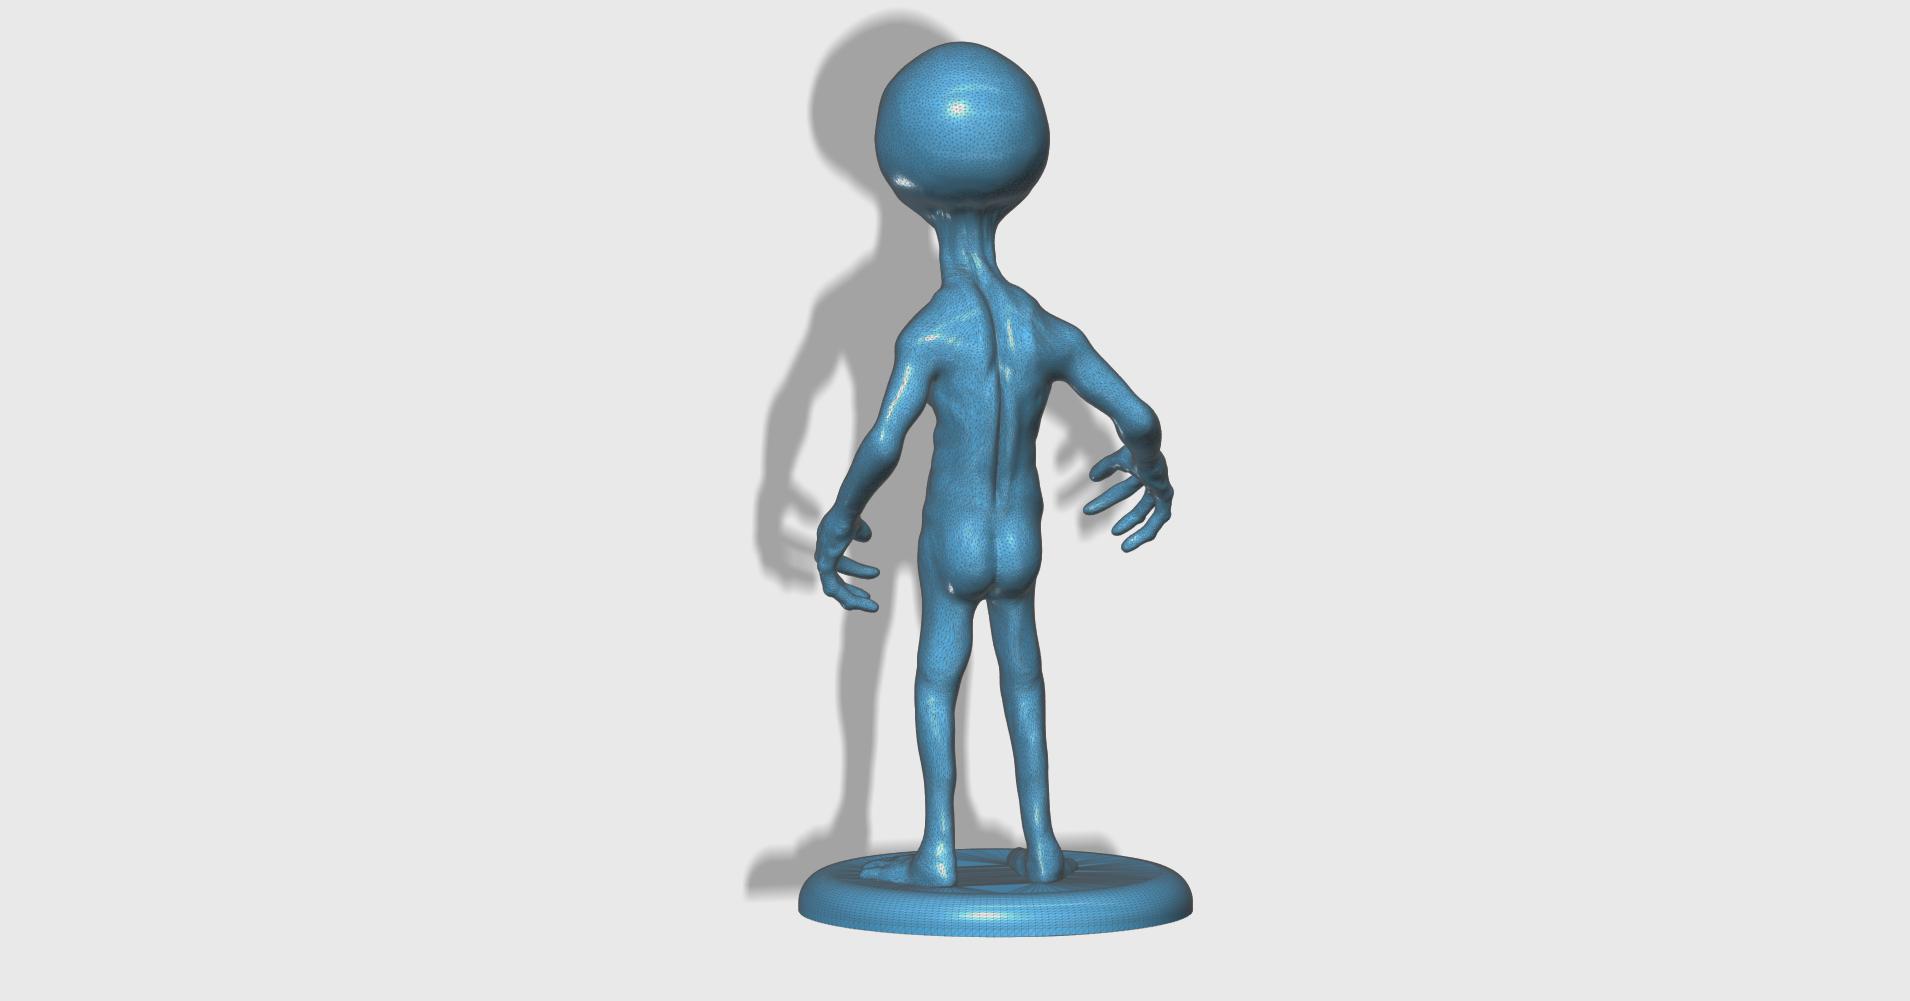 Alien3.png Télécharger fichier STL gratuit Ailen • Plan pour imprimante 3D, Icenvain